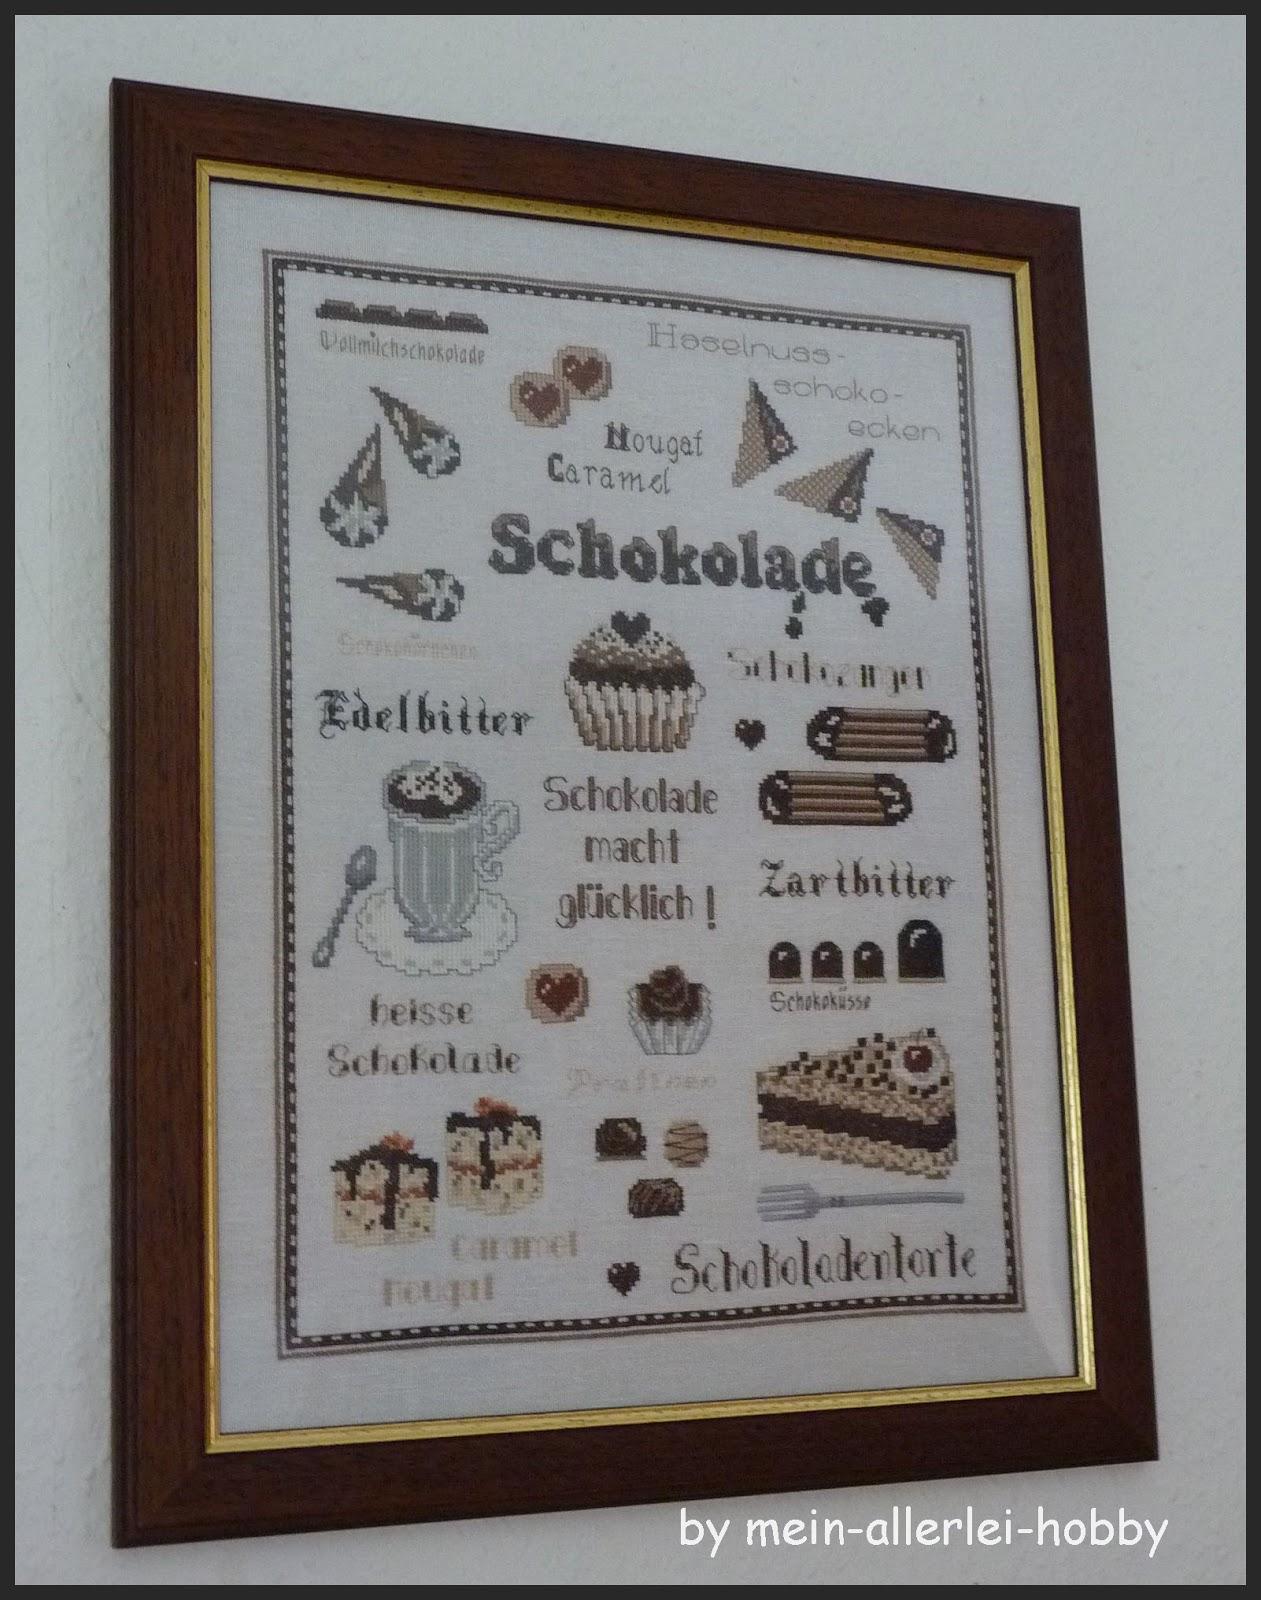 Mein-allerlei-Hobby: Schokolade an der Wand